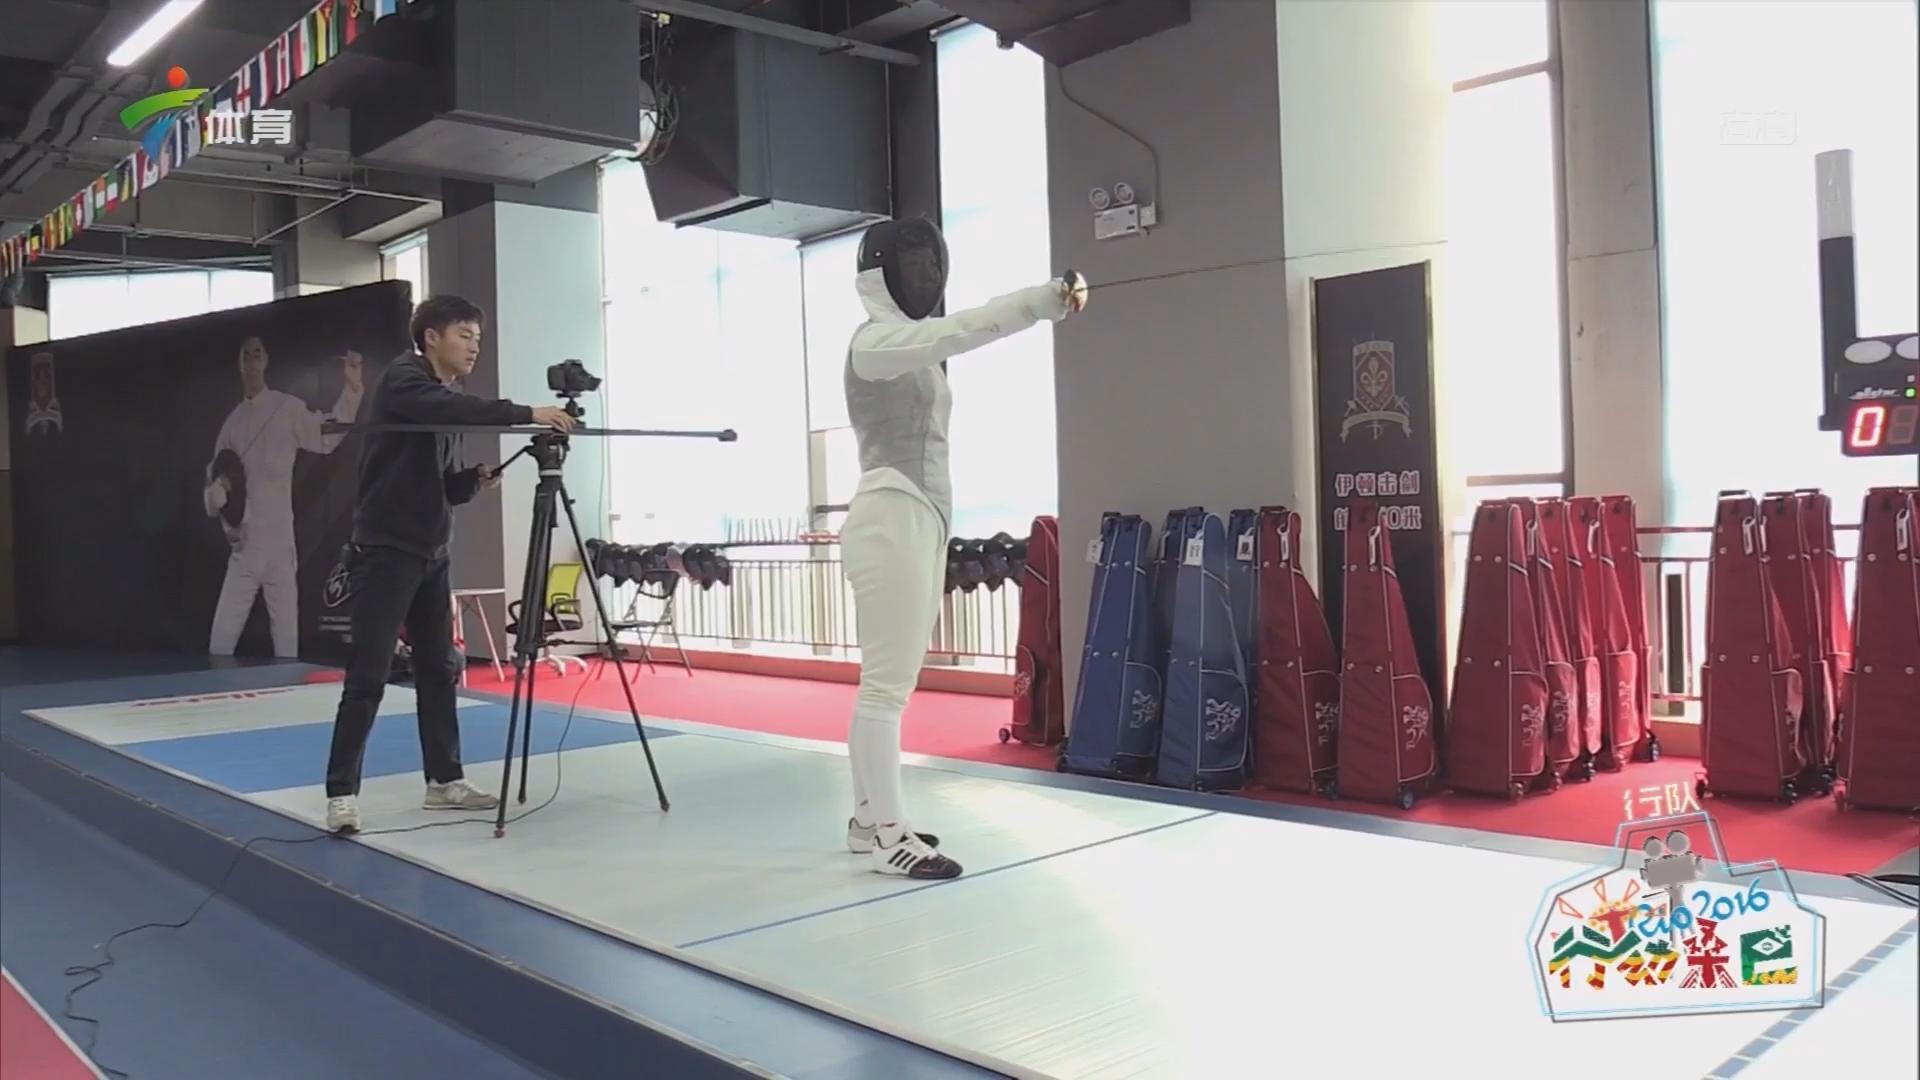 击剑拍摄制作 彳亍 VS 三人行